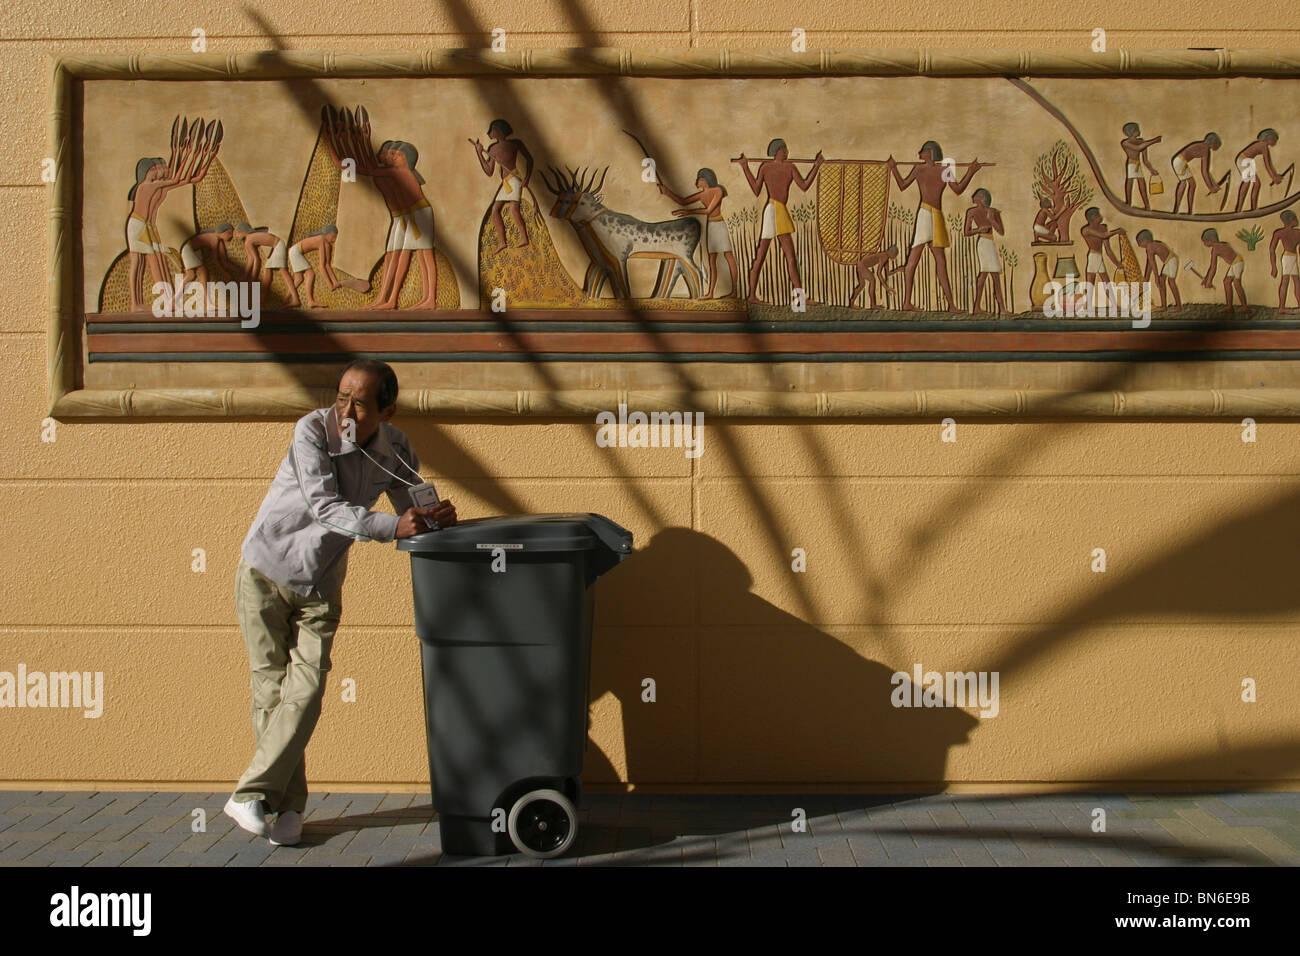 Pavillon égyptien à World Expo 2005, Aichi, Japon. 19.03.05 Photo Stock